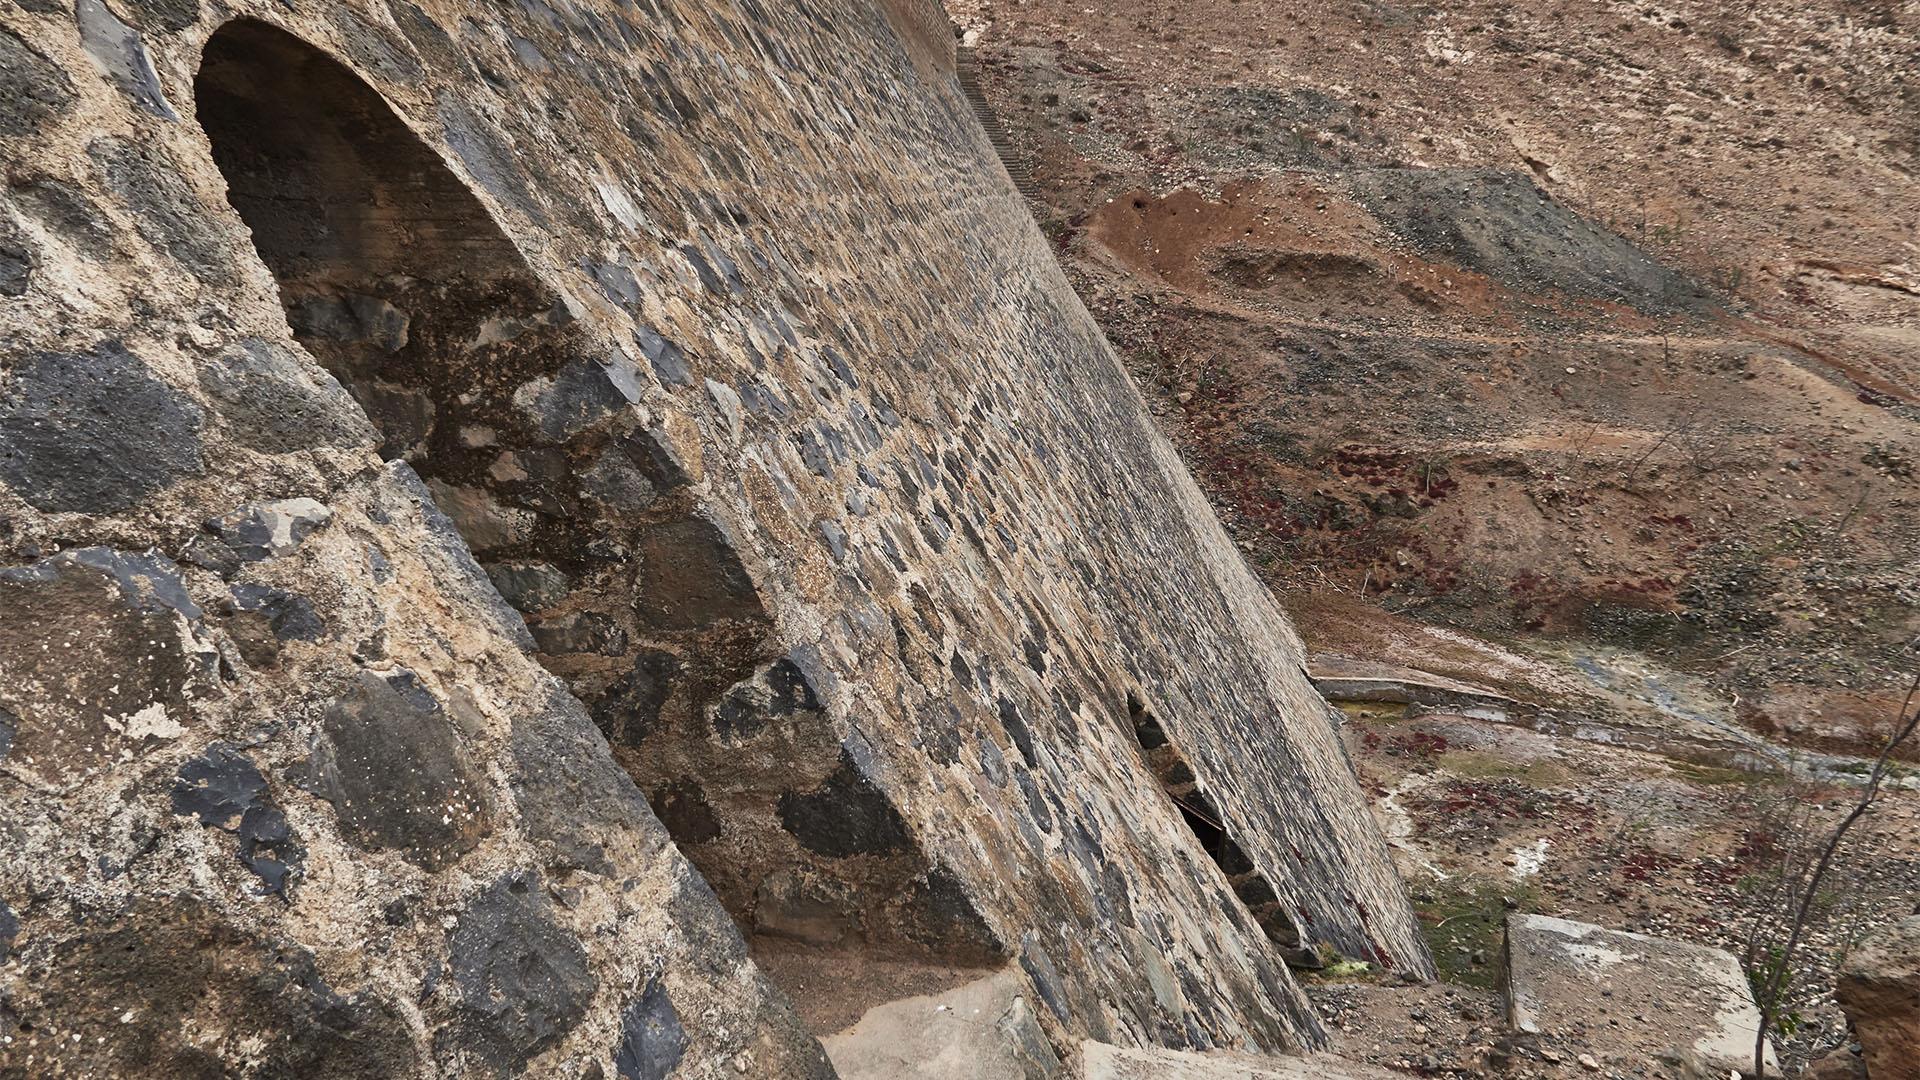 Der Inspektionsgang des Staudamms Embalse de Los Molinos Fuerteventura.